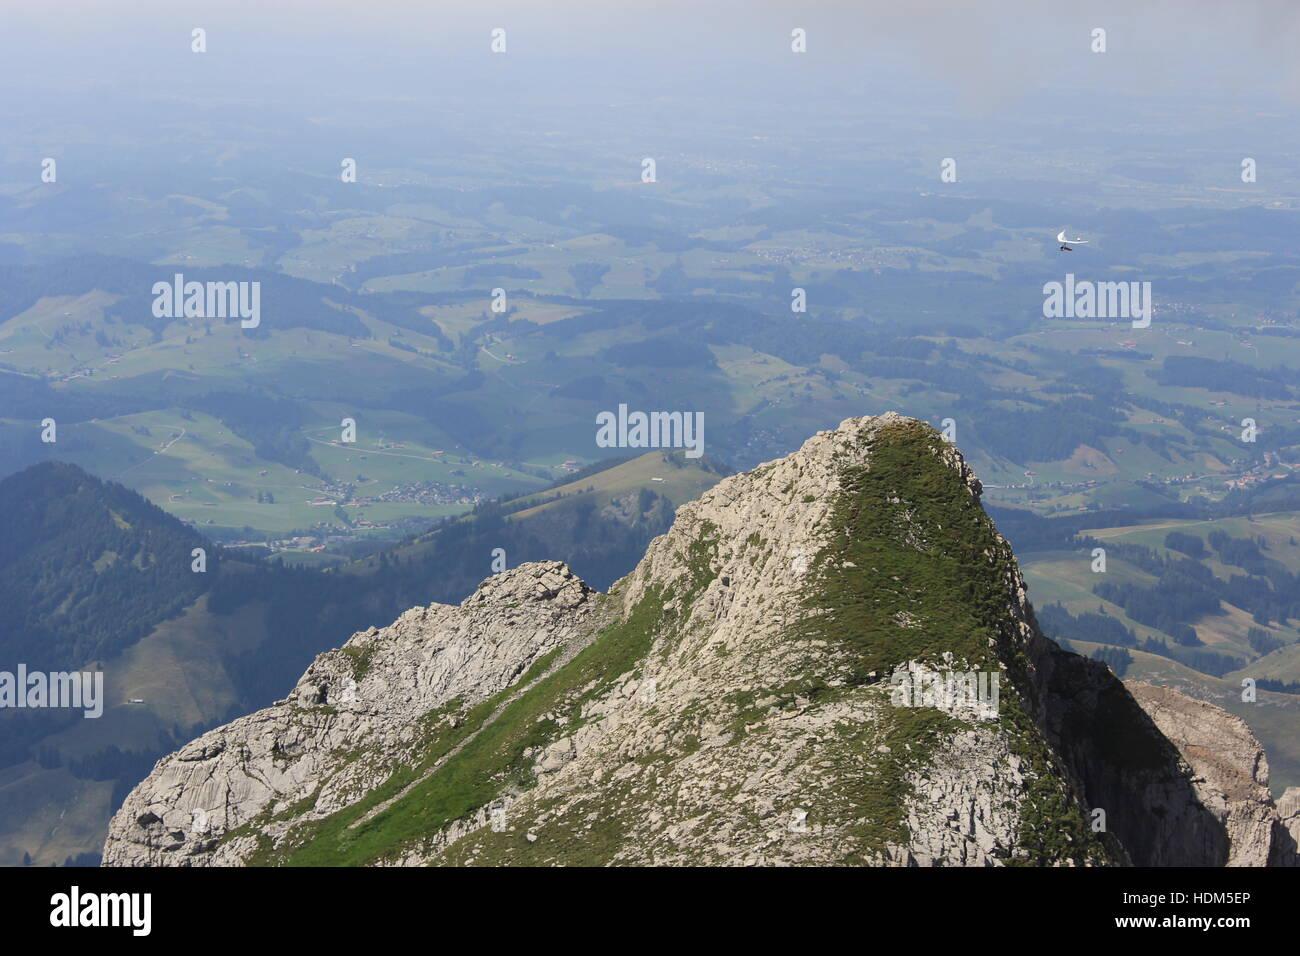 Ein Höhepunkt in der Nähe von Säntis in den Schweizer Alpen Stockbild